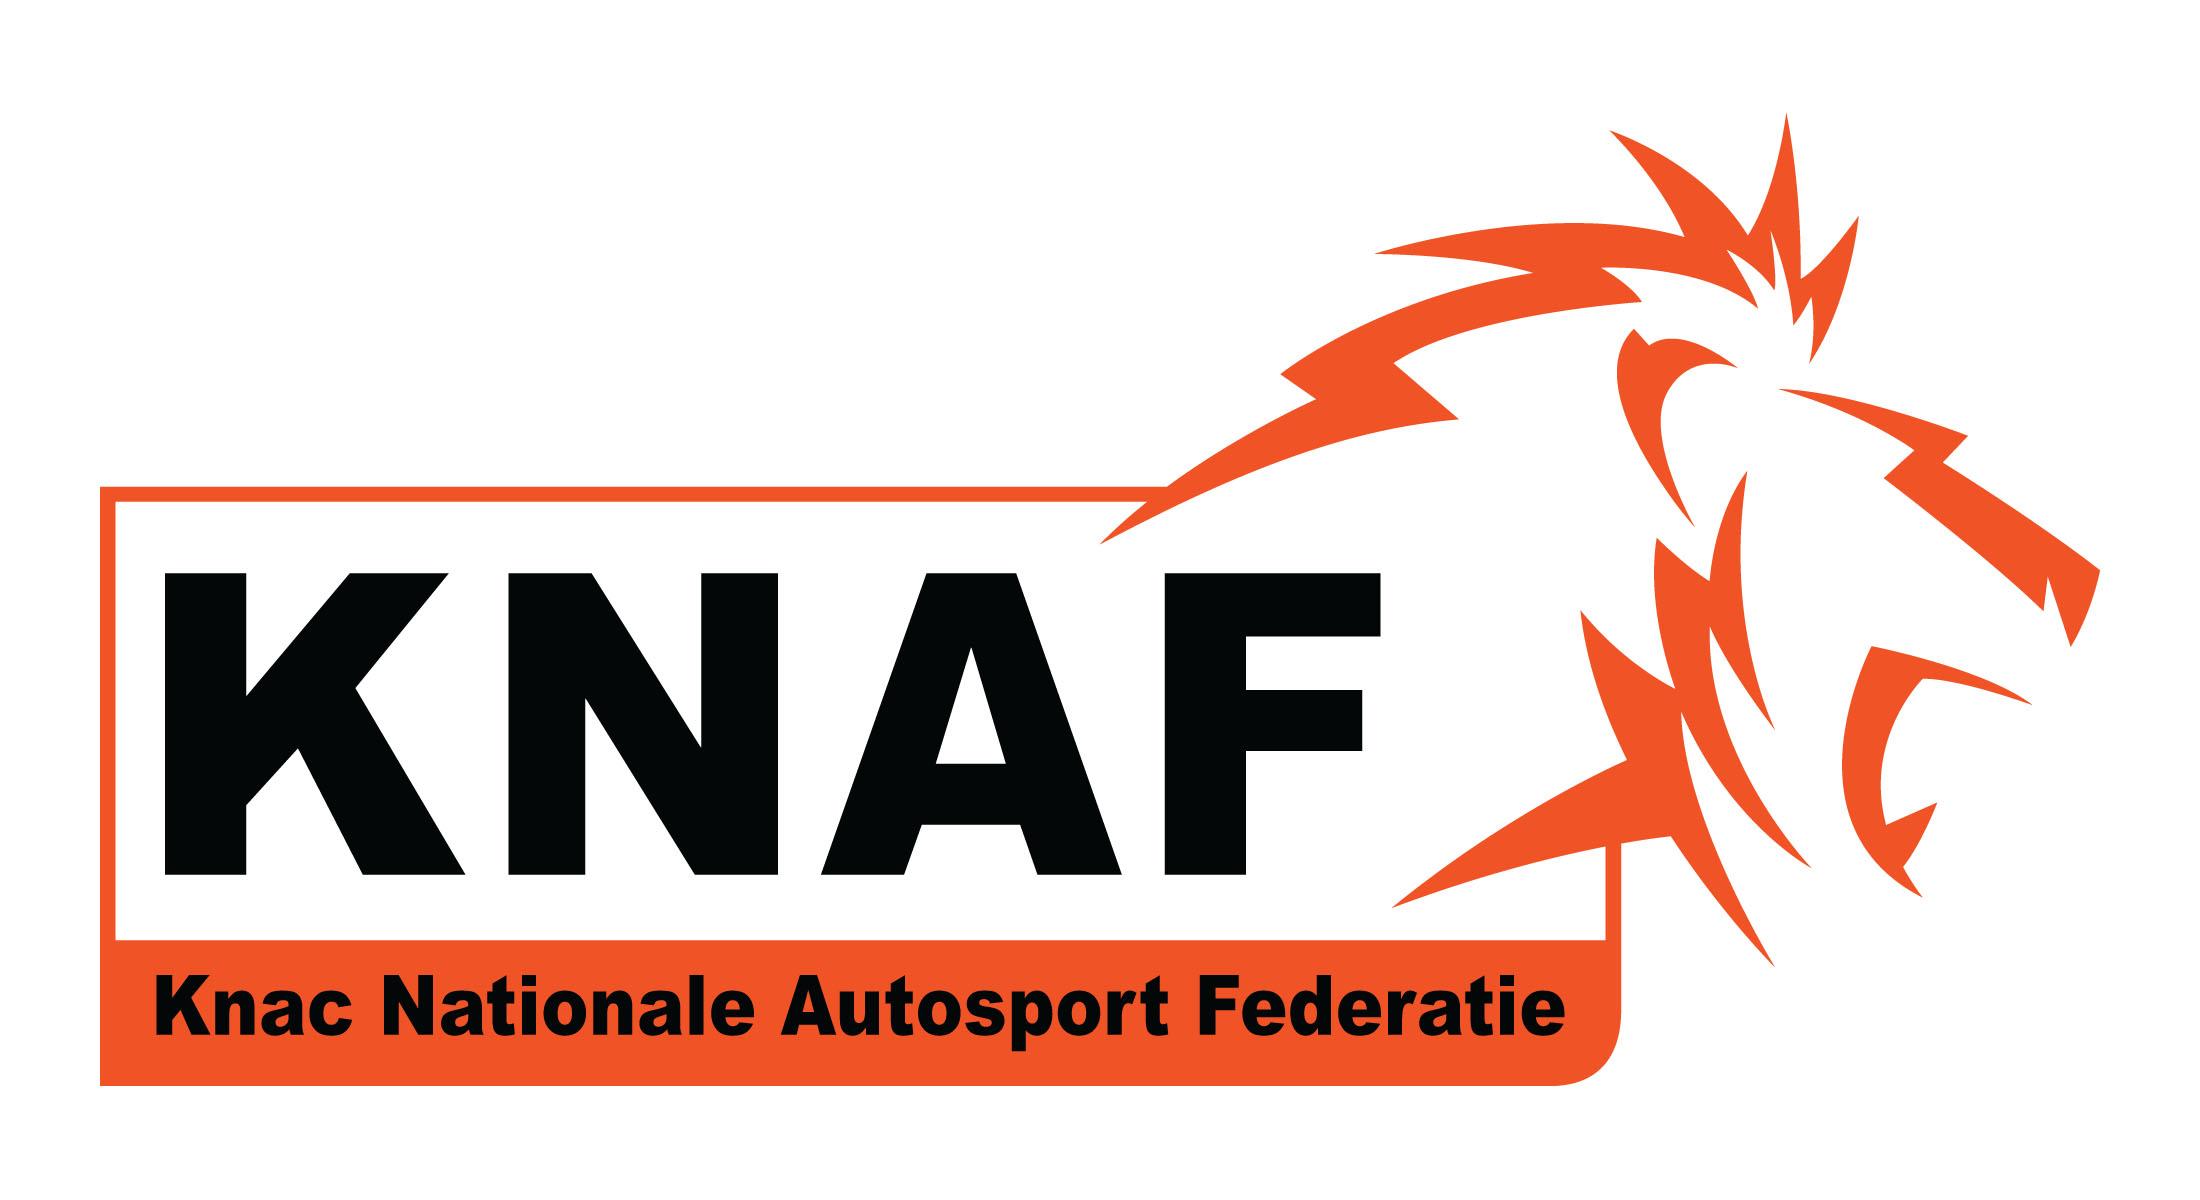 knaf-logo-r-rgb